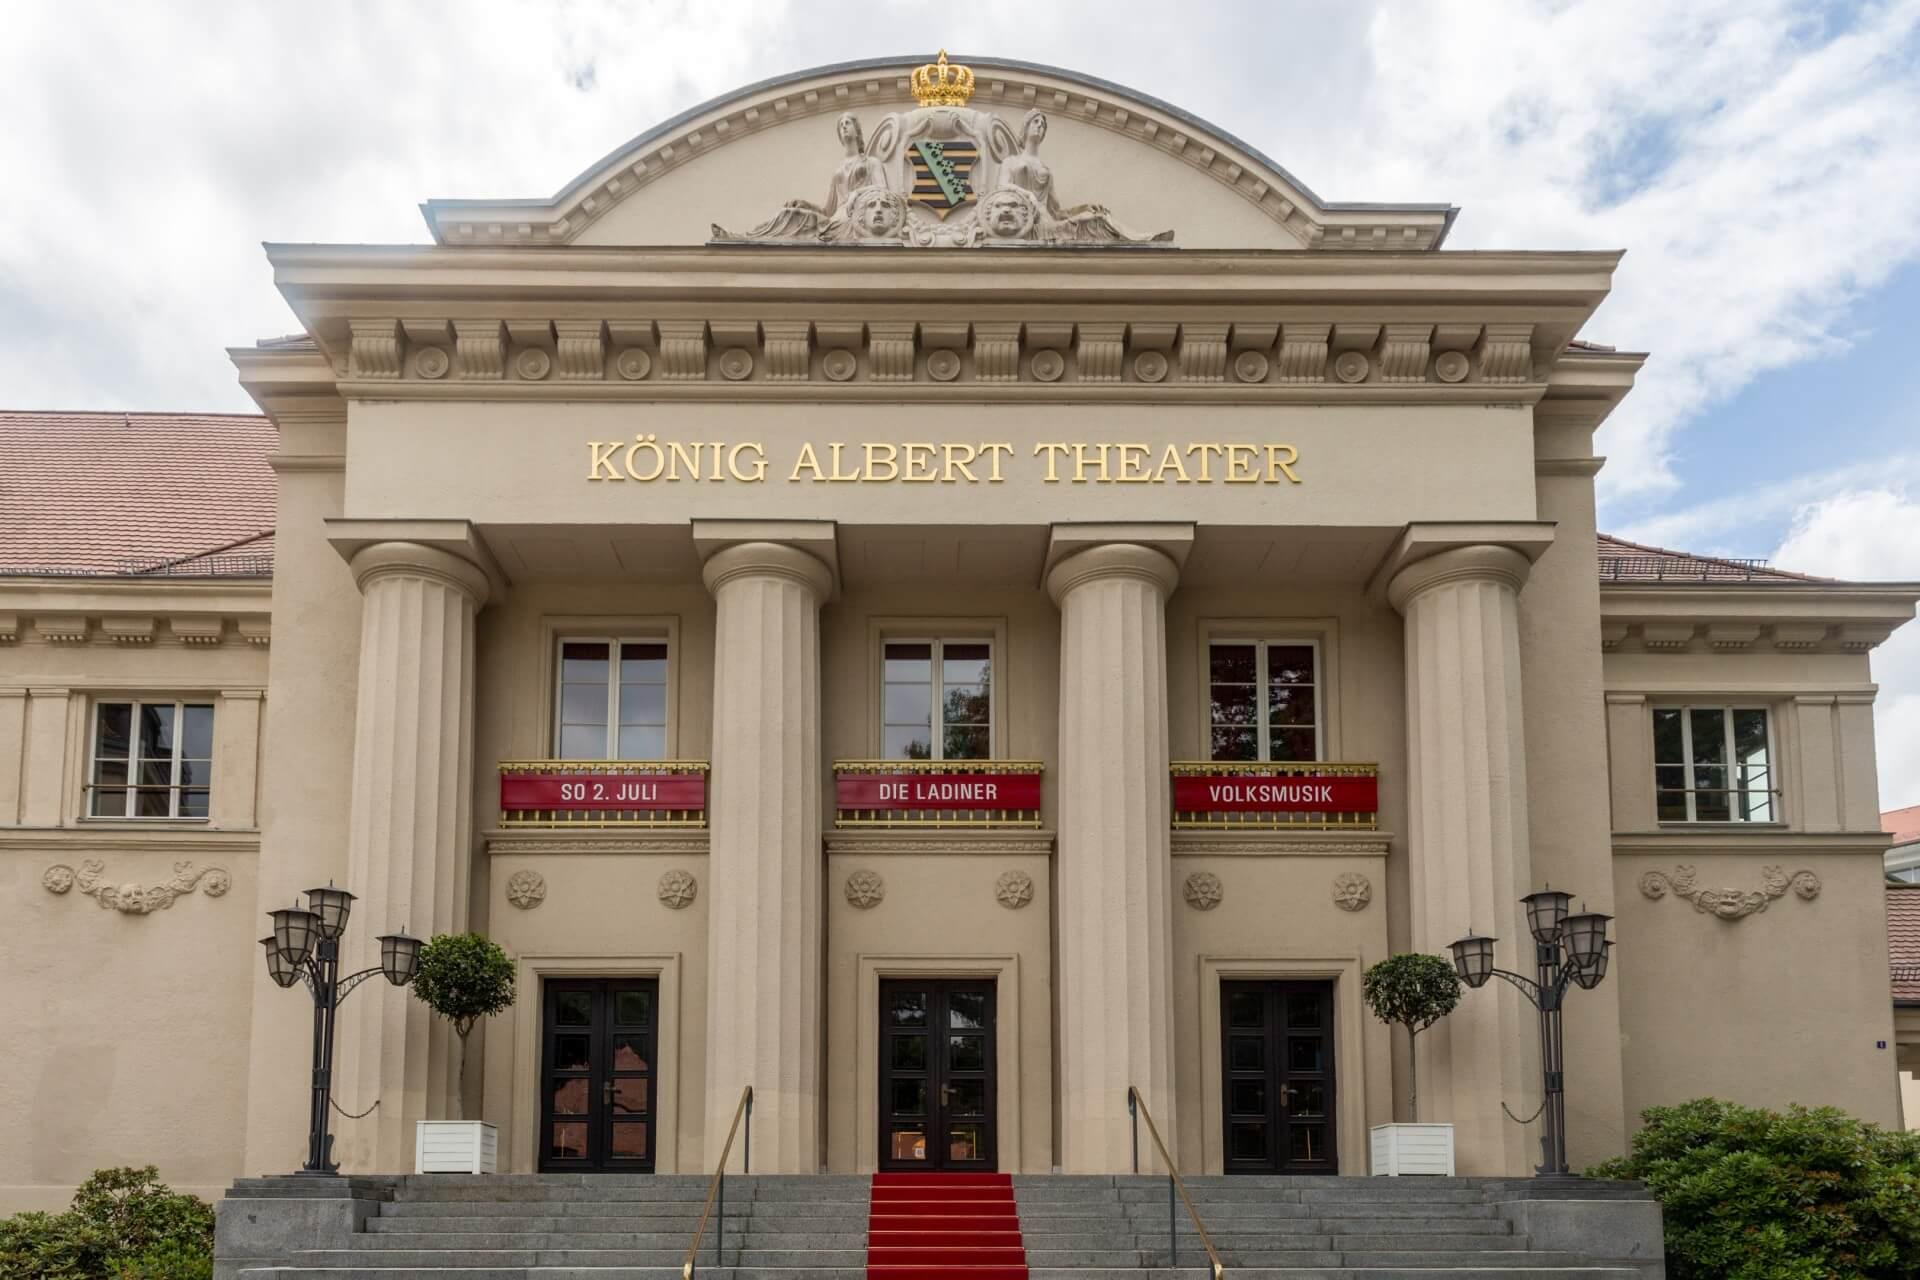 König-Albert-Theater